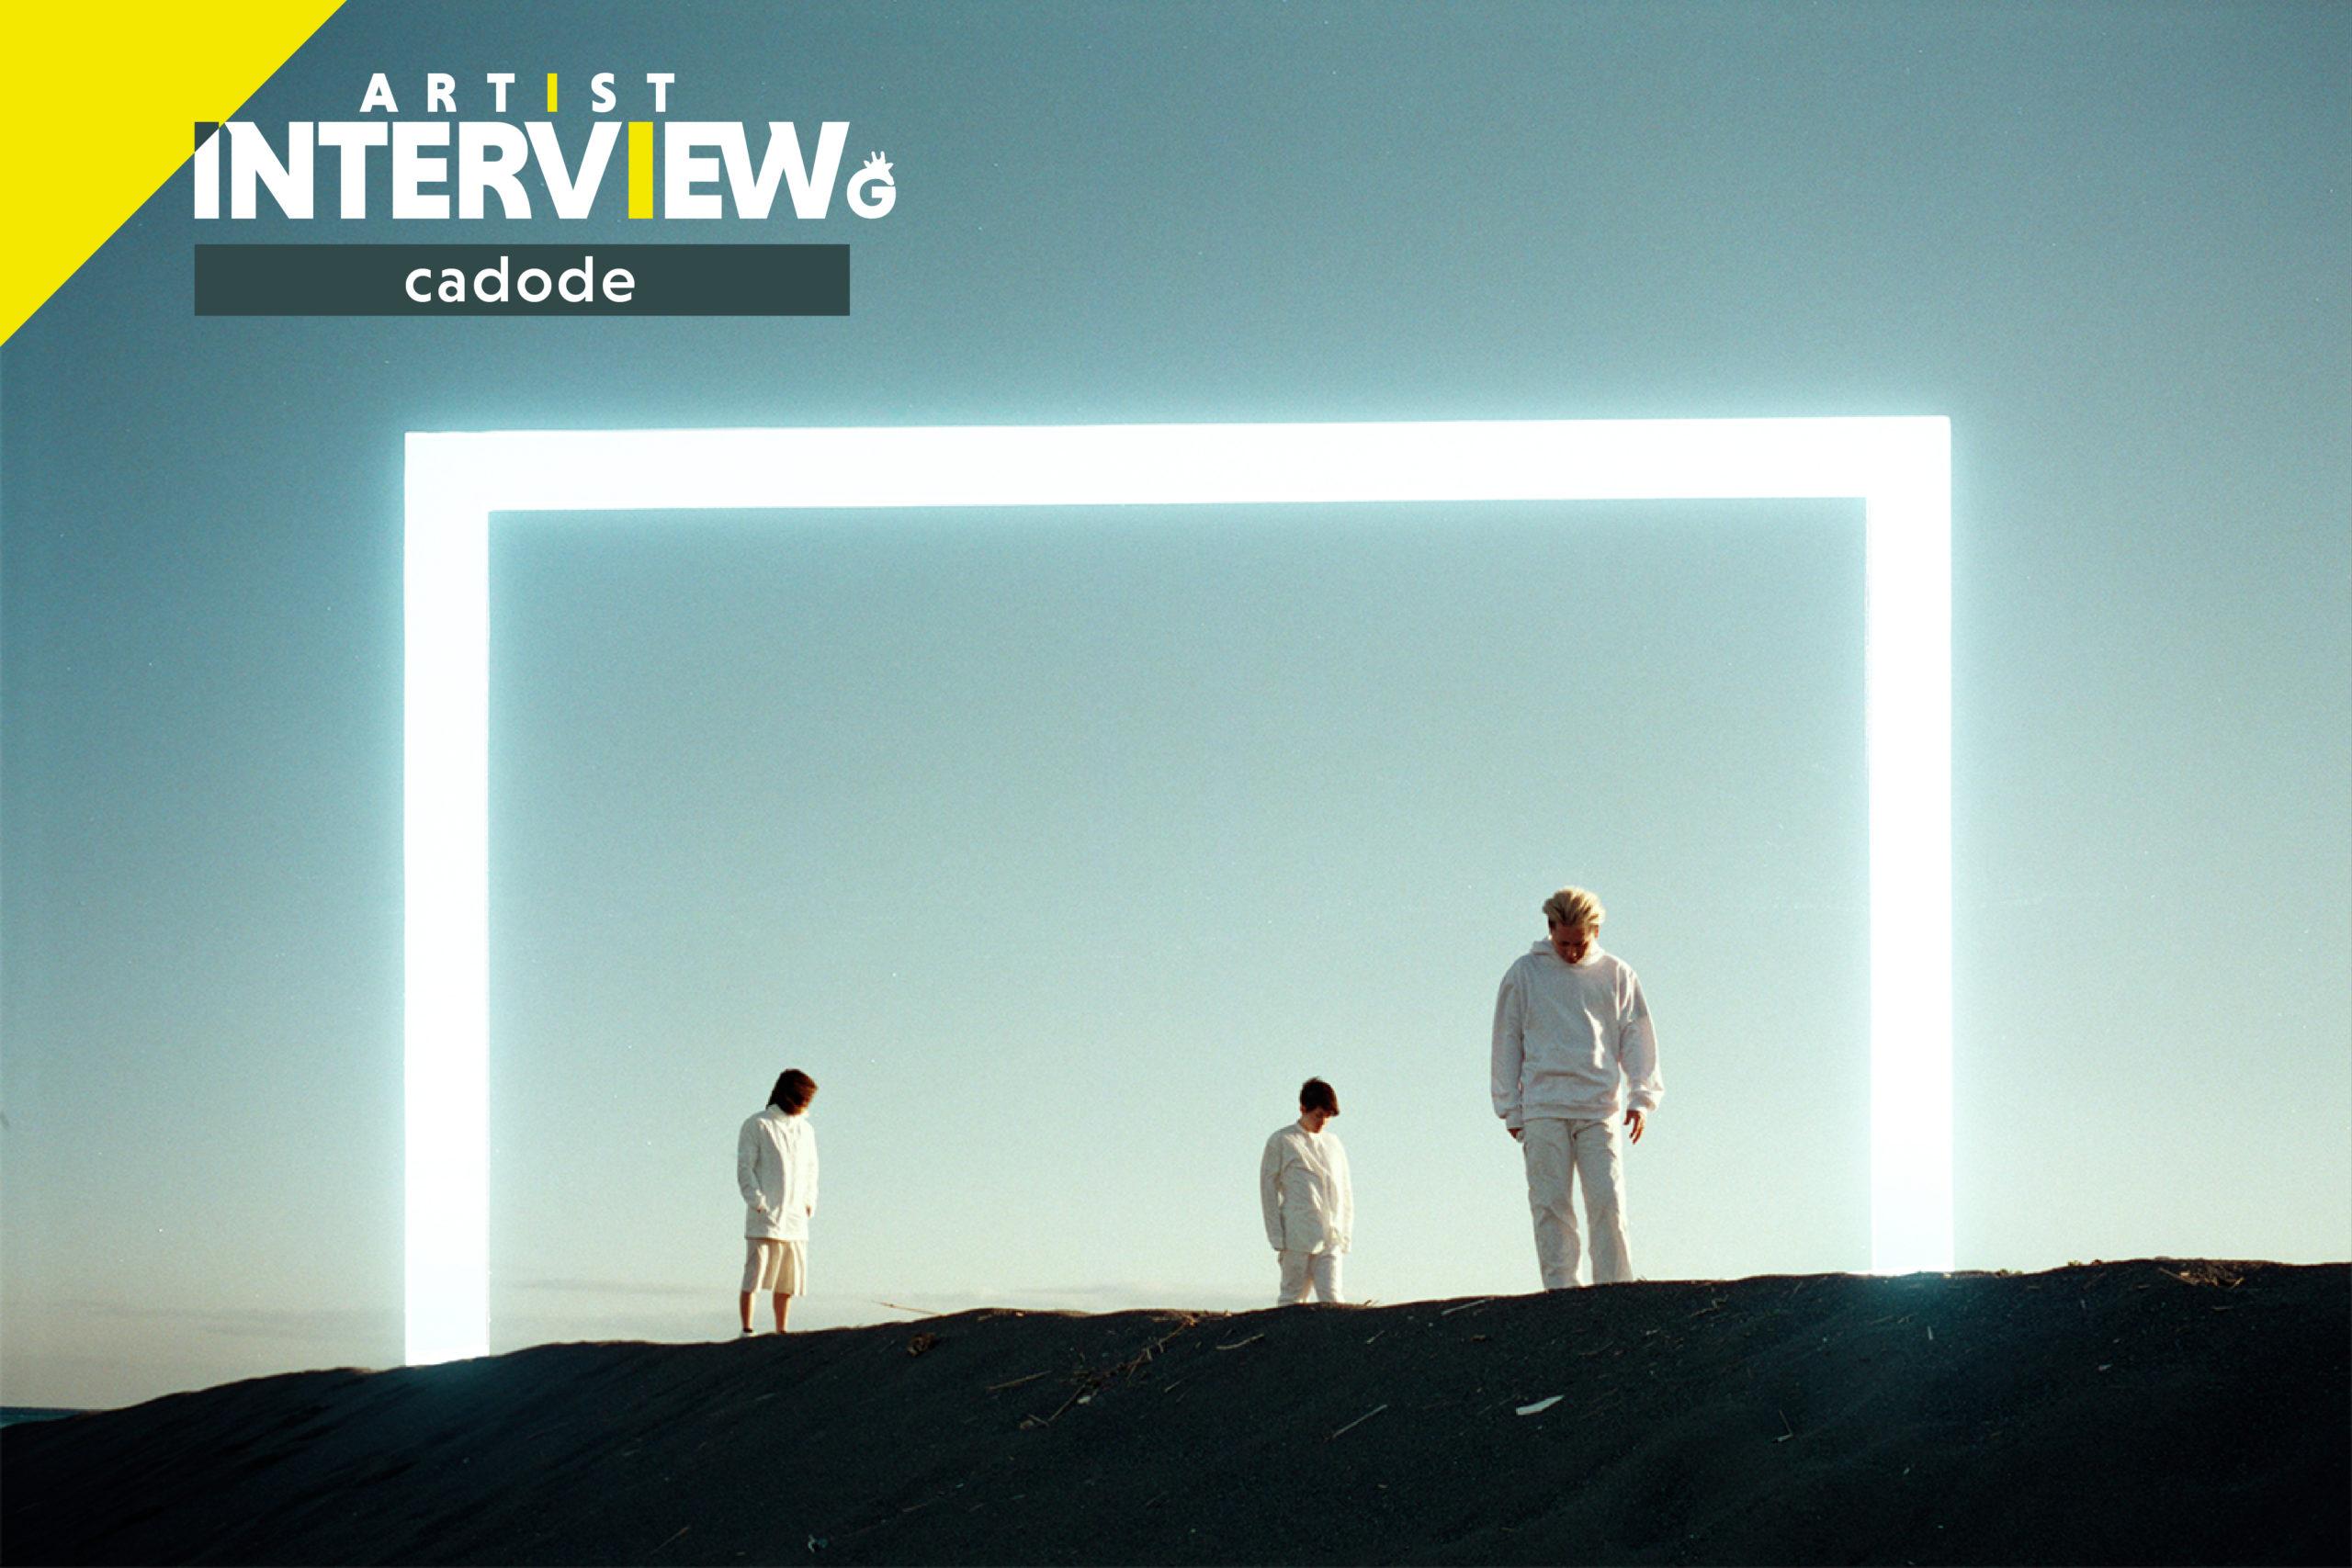 【cadode 独占インタビュー】目に見えるすべてと生き、目に見えないすべてを想う。廃墟系ポップユニット・cadode